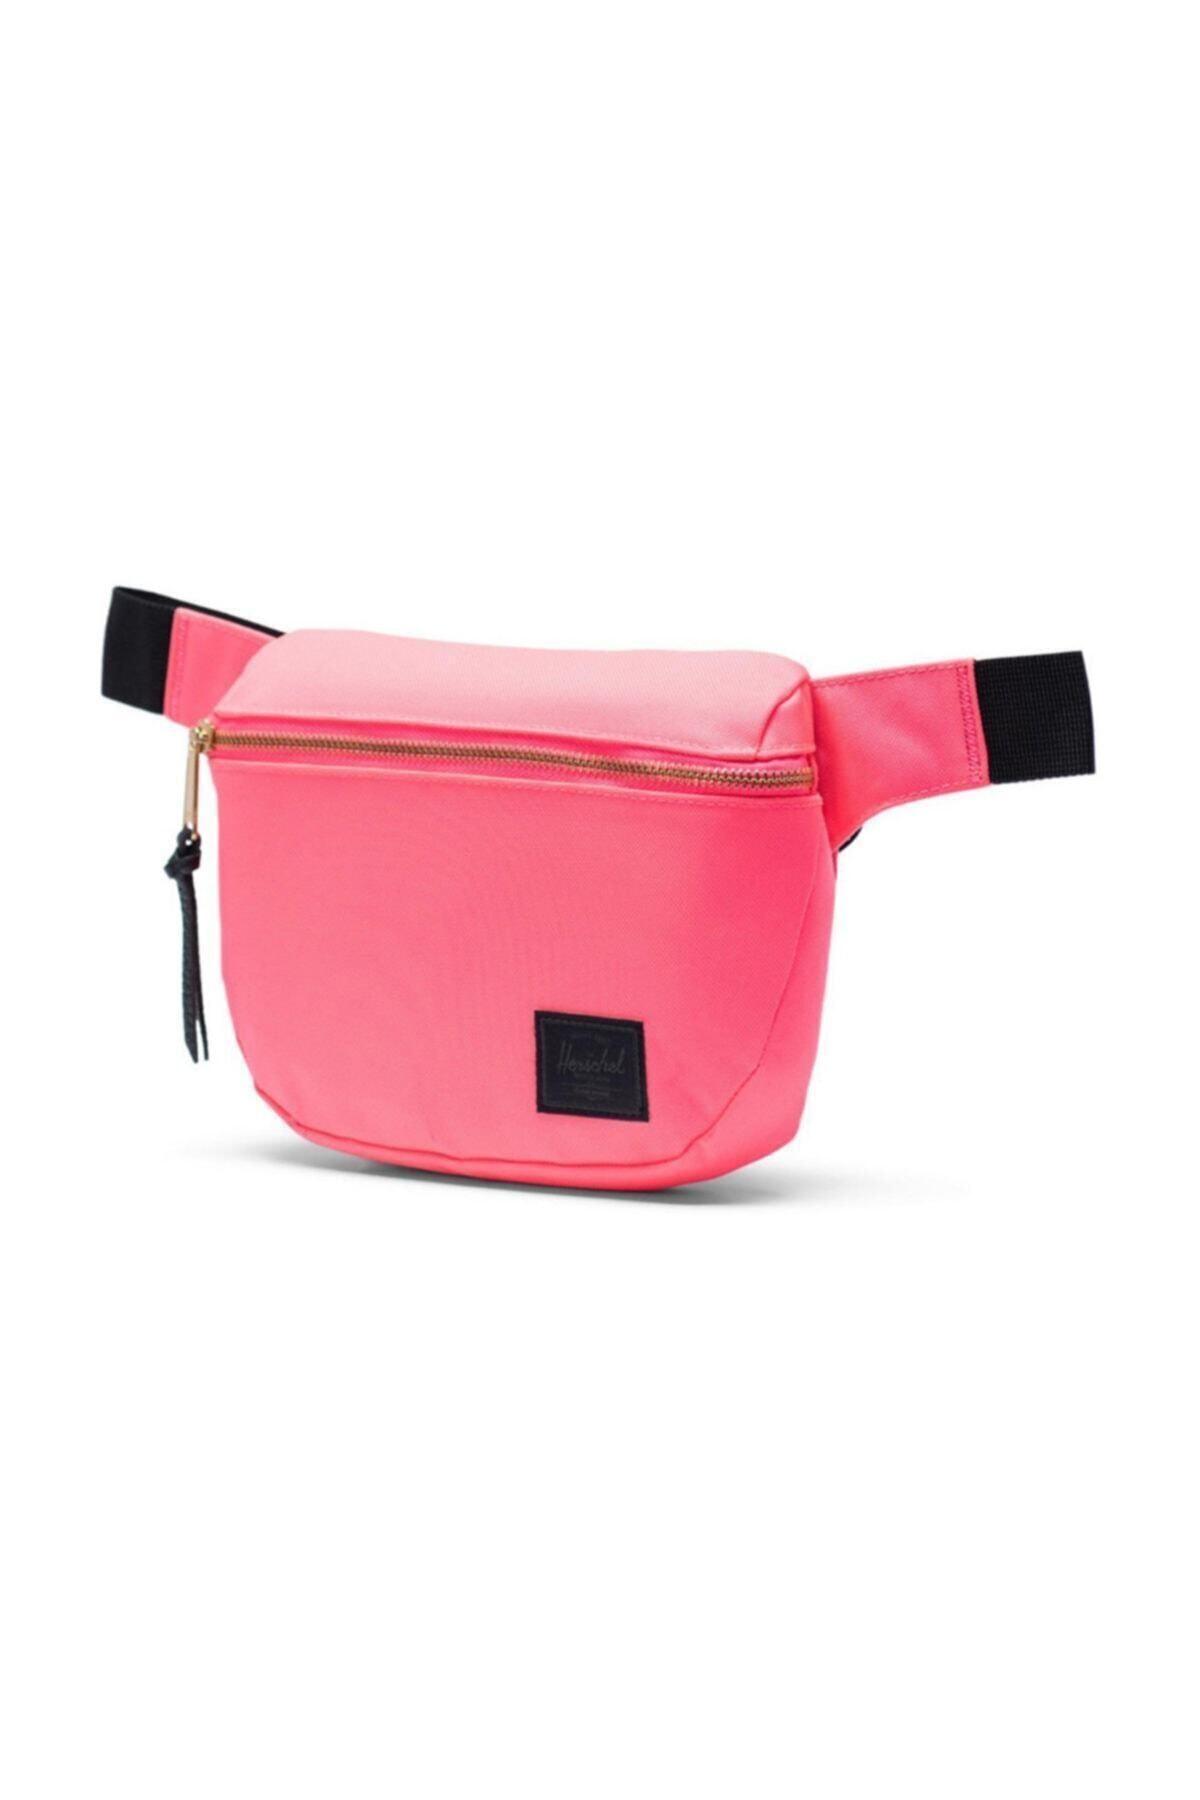 Herschel Supply Co. Herschel Bel Çantası Fifteen Neon Pink/black 2